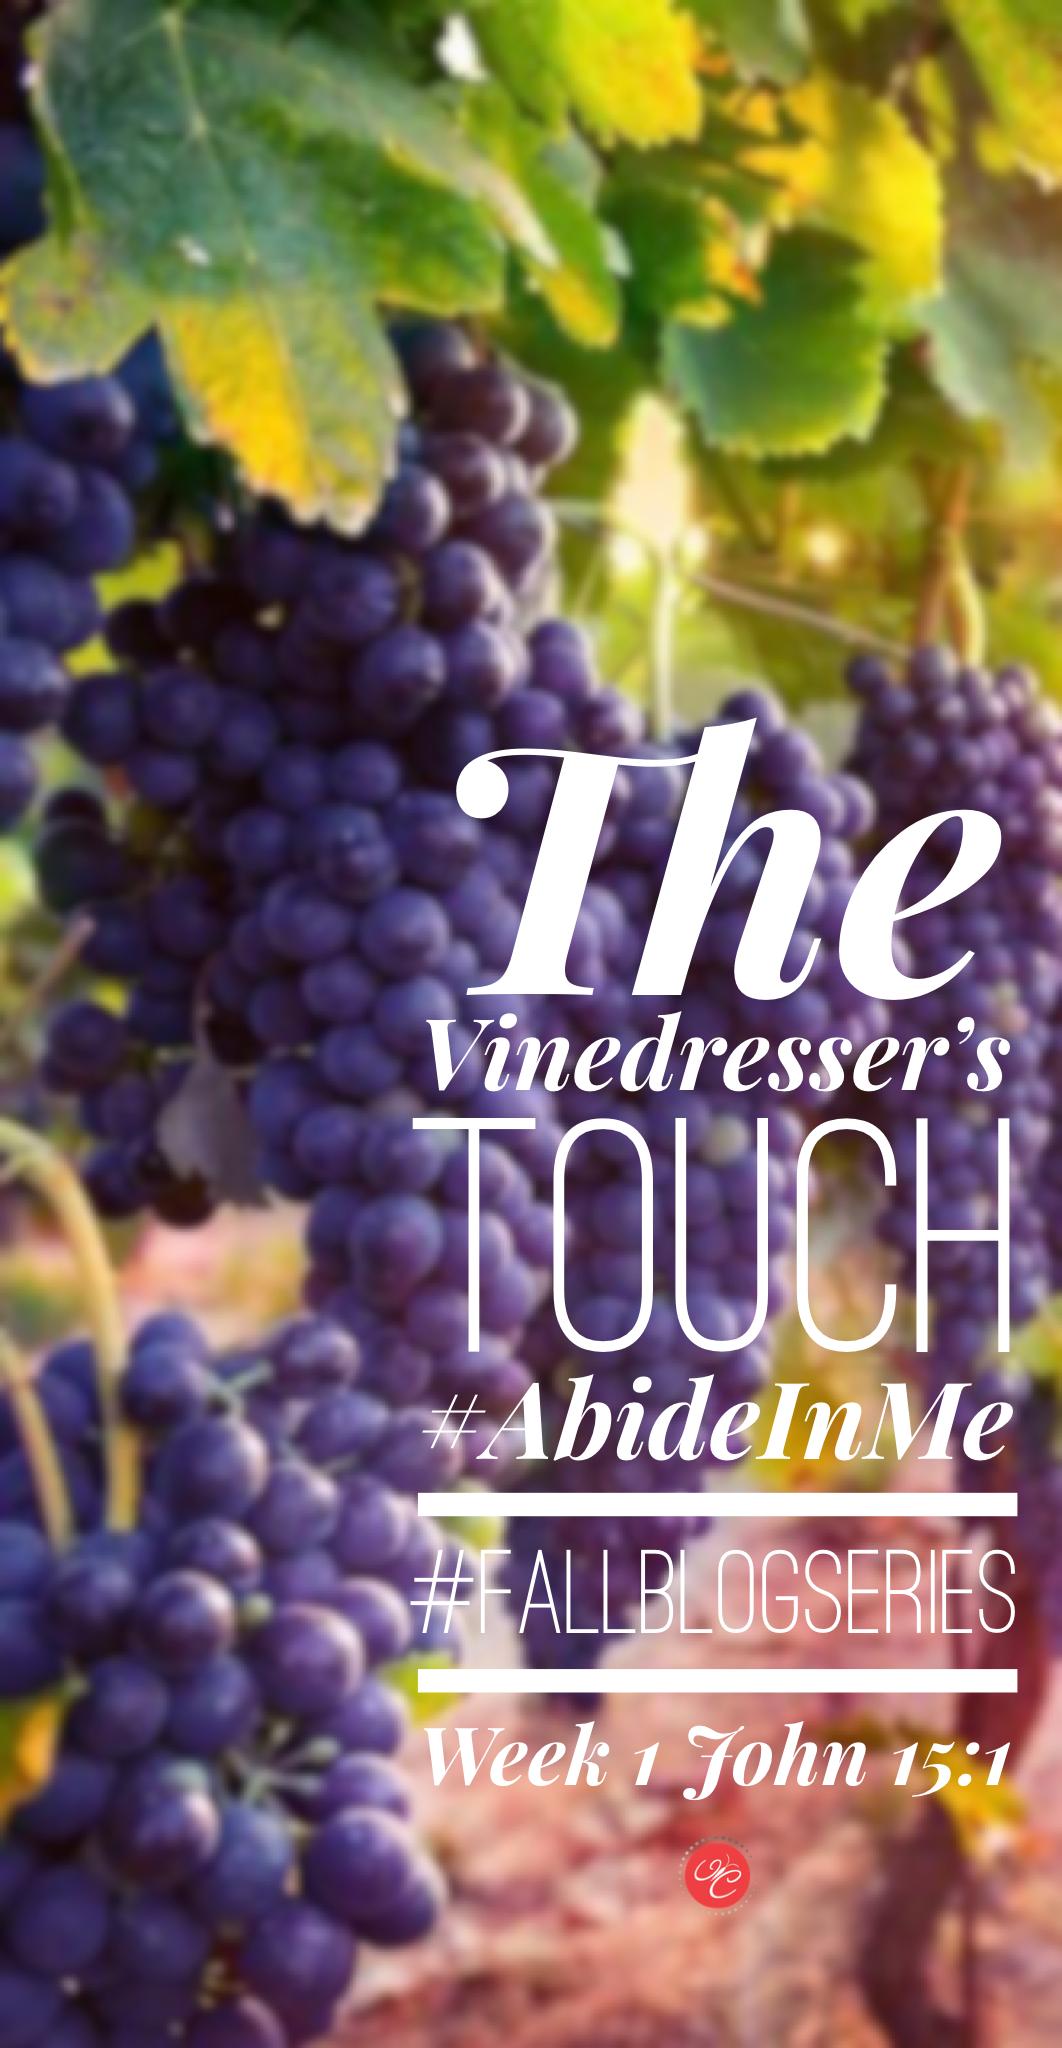 The Vinedresser's Touch: John 15:1